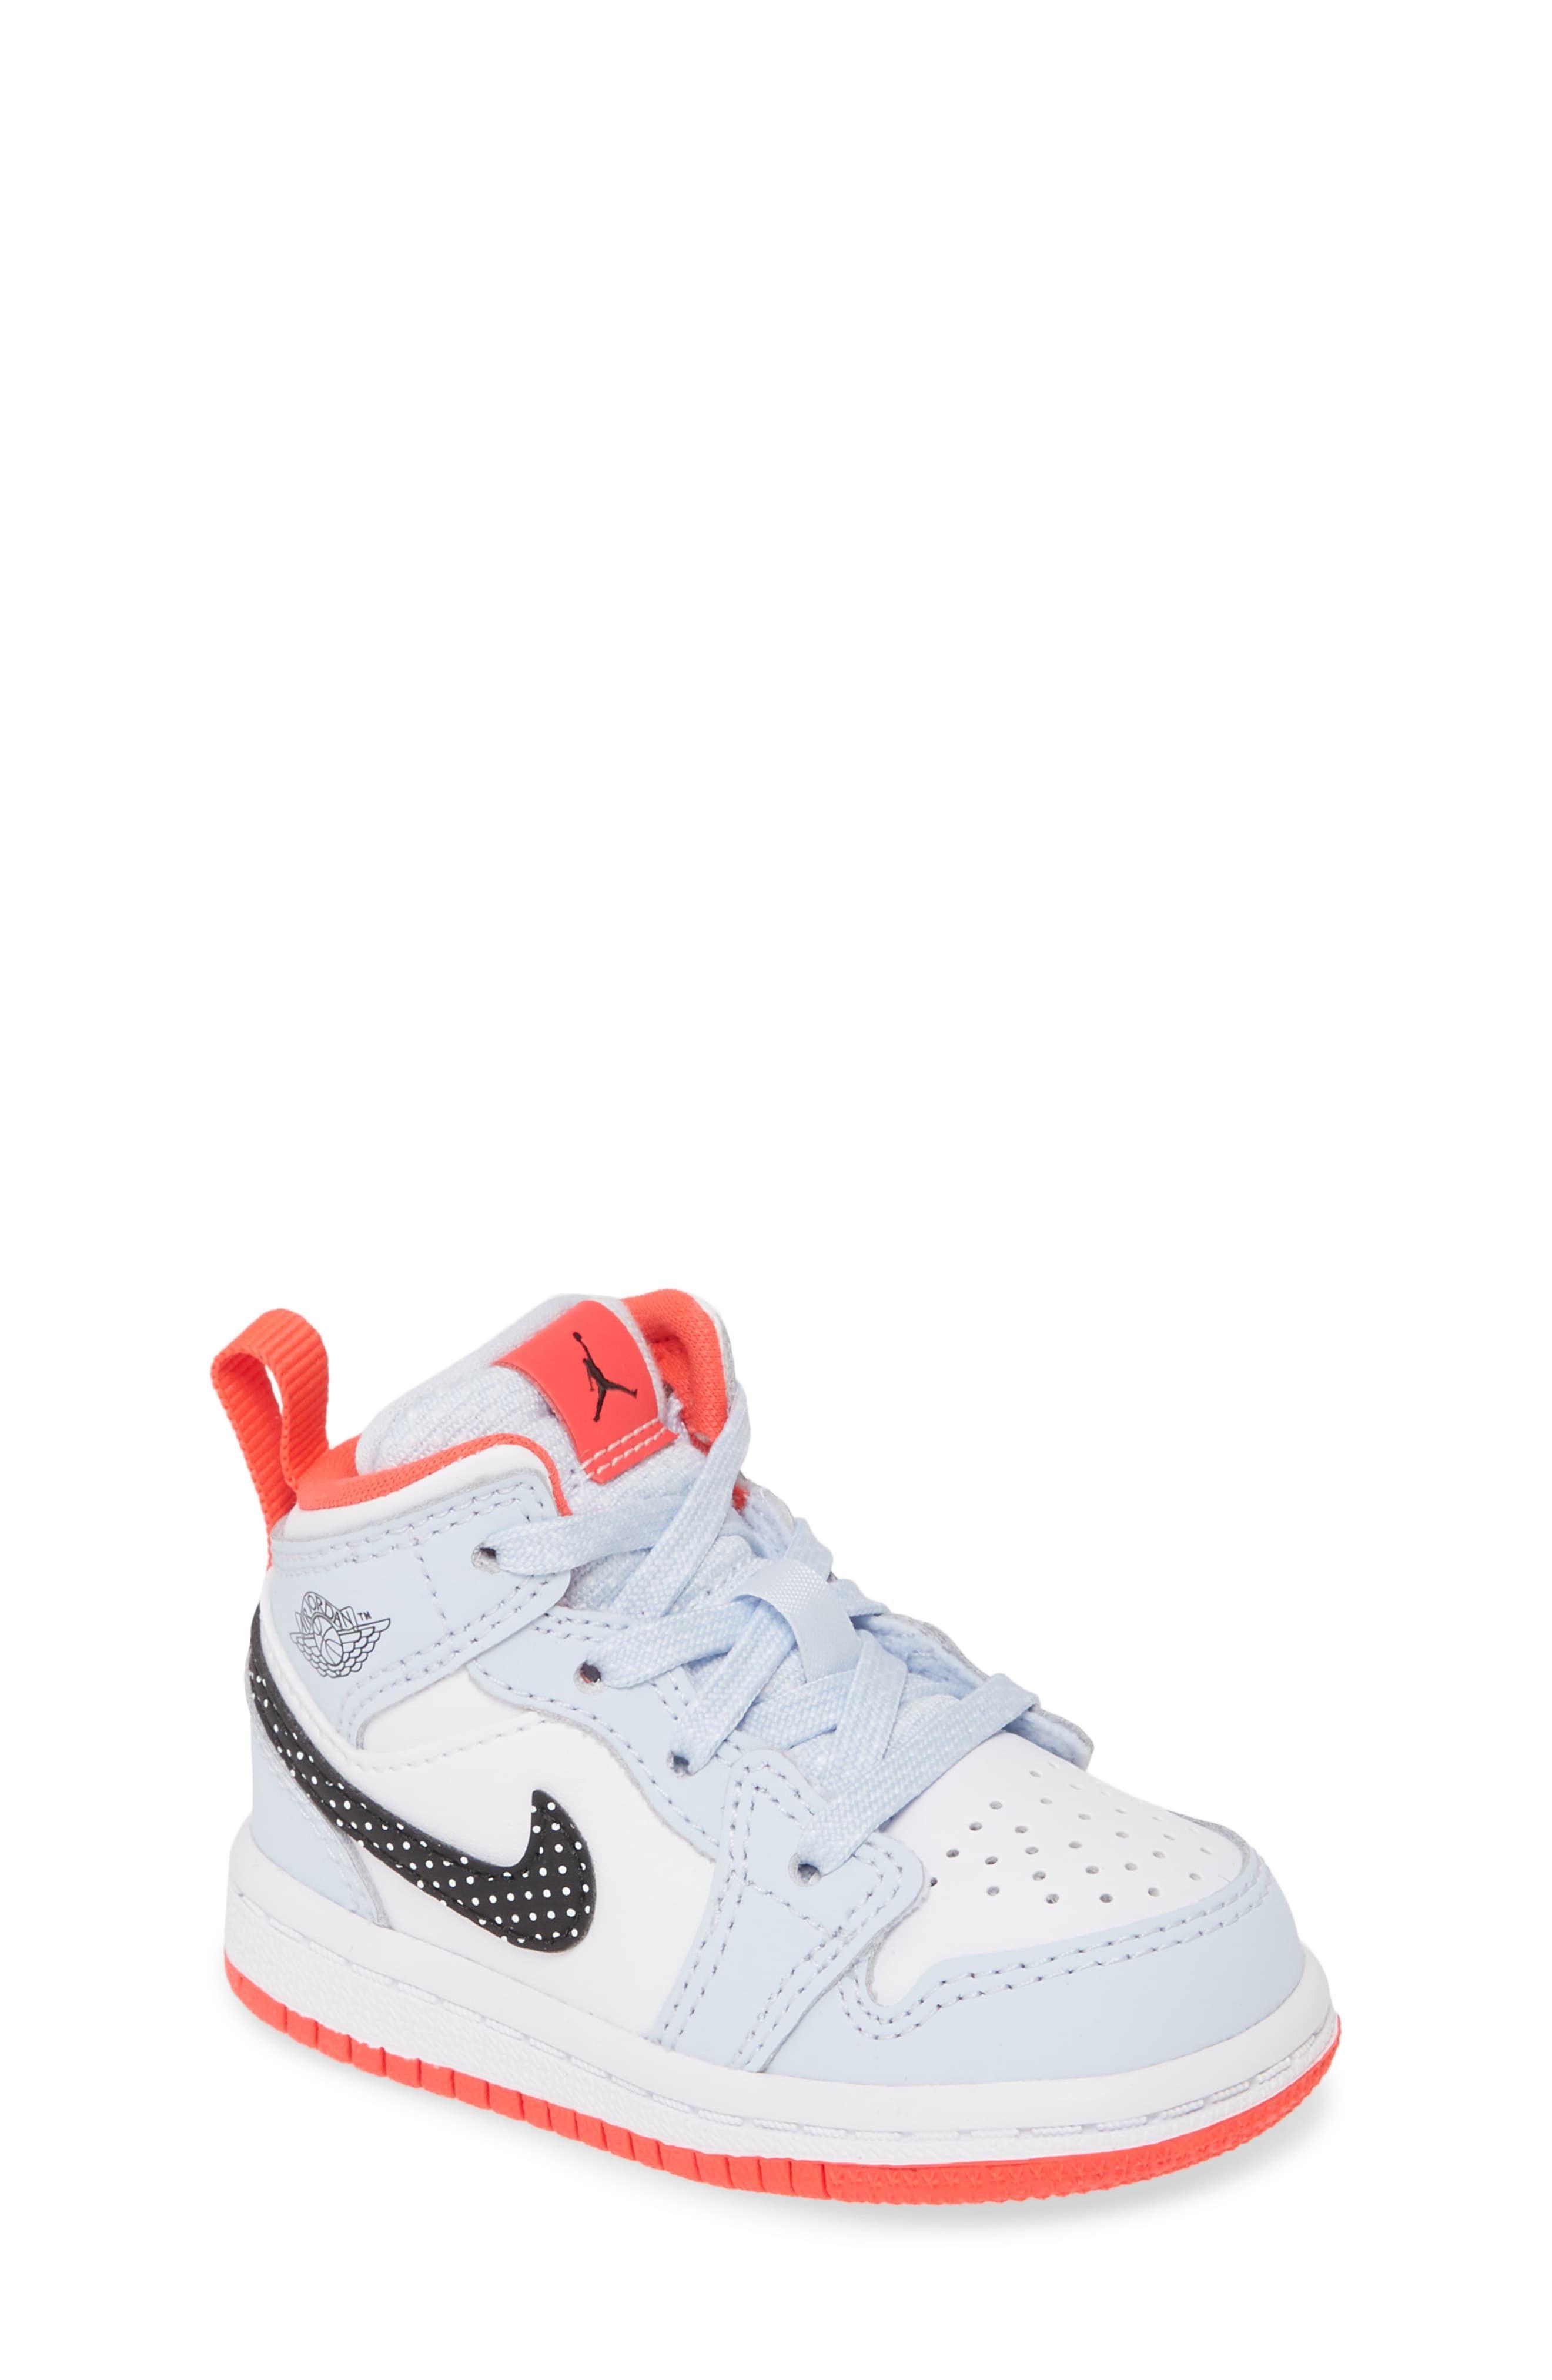 Baby jordan shoes, Toddler boy shoes